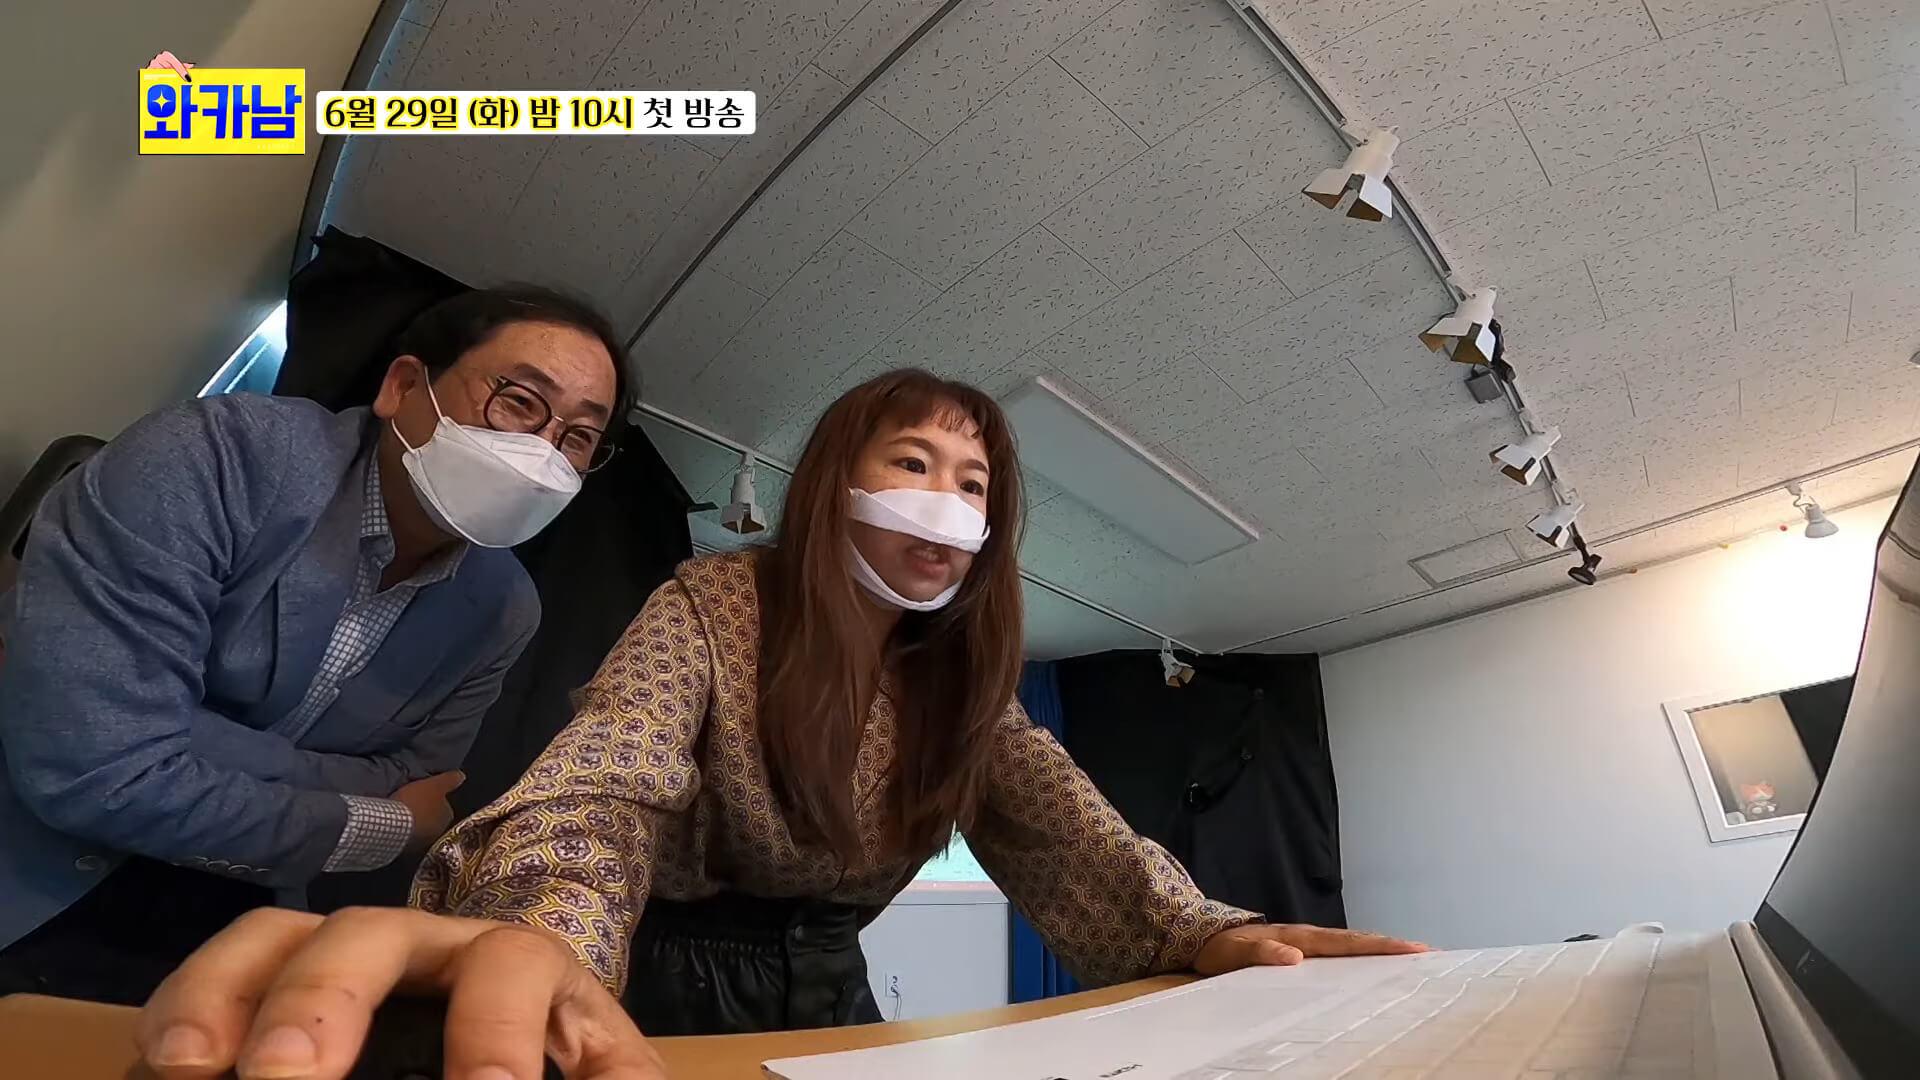 El nuevo programa de televisión de realidad de Corea del Sur sigue la suerte de los inversores criptográficos